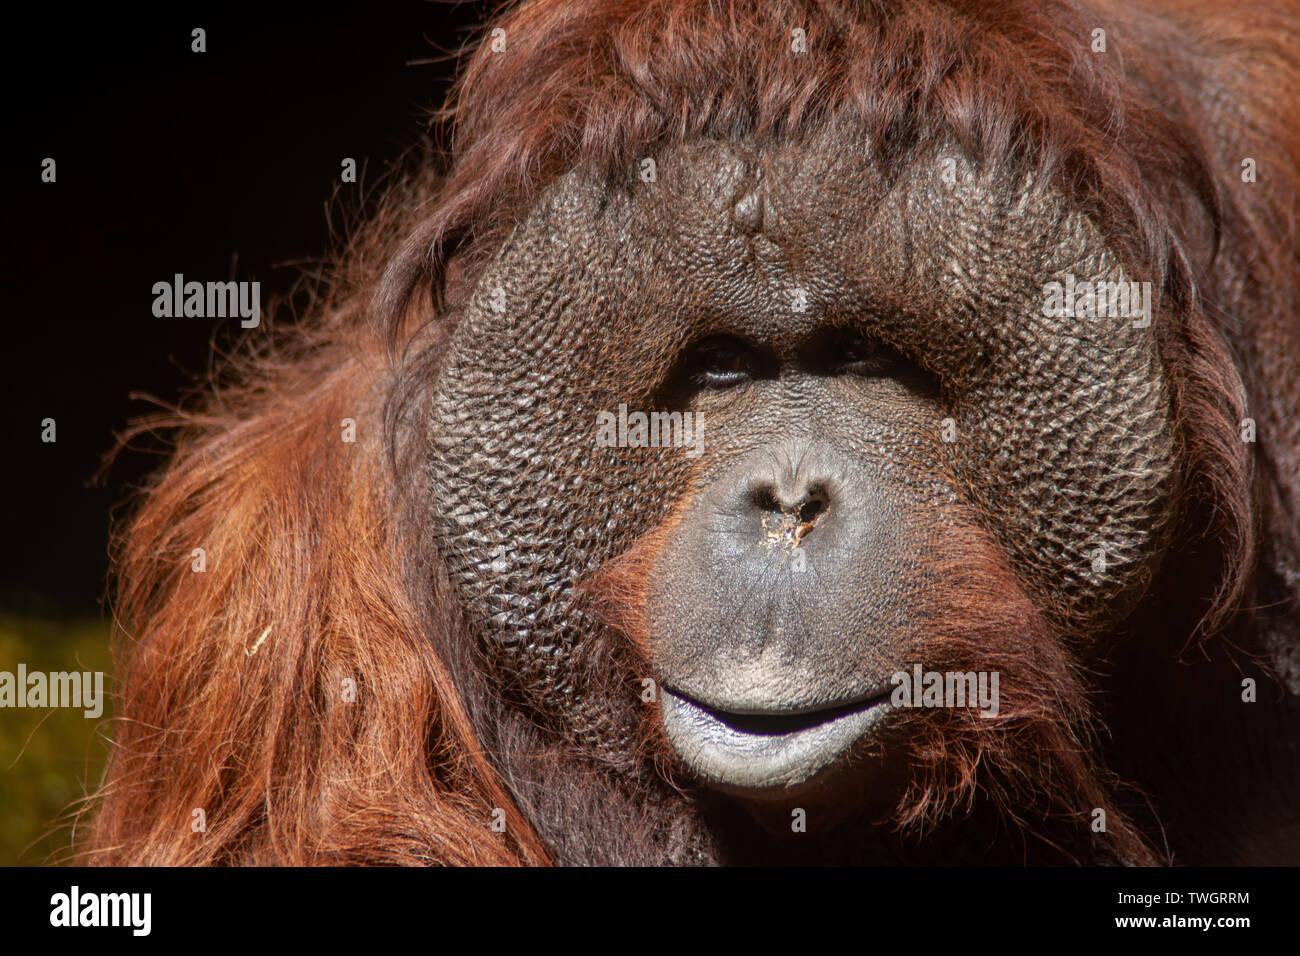 Look of a Bornean orangutan Stock Photo